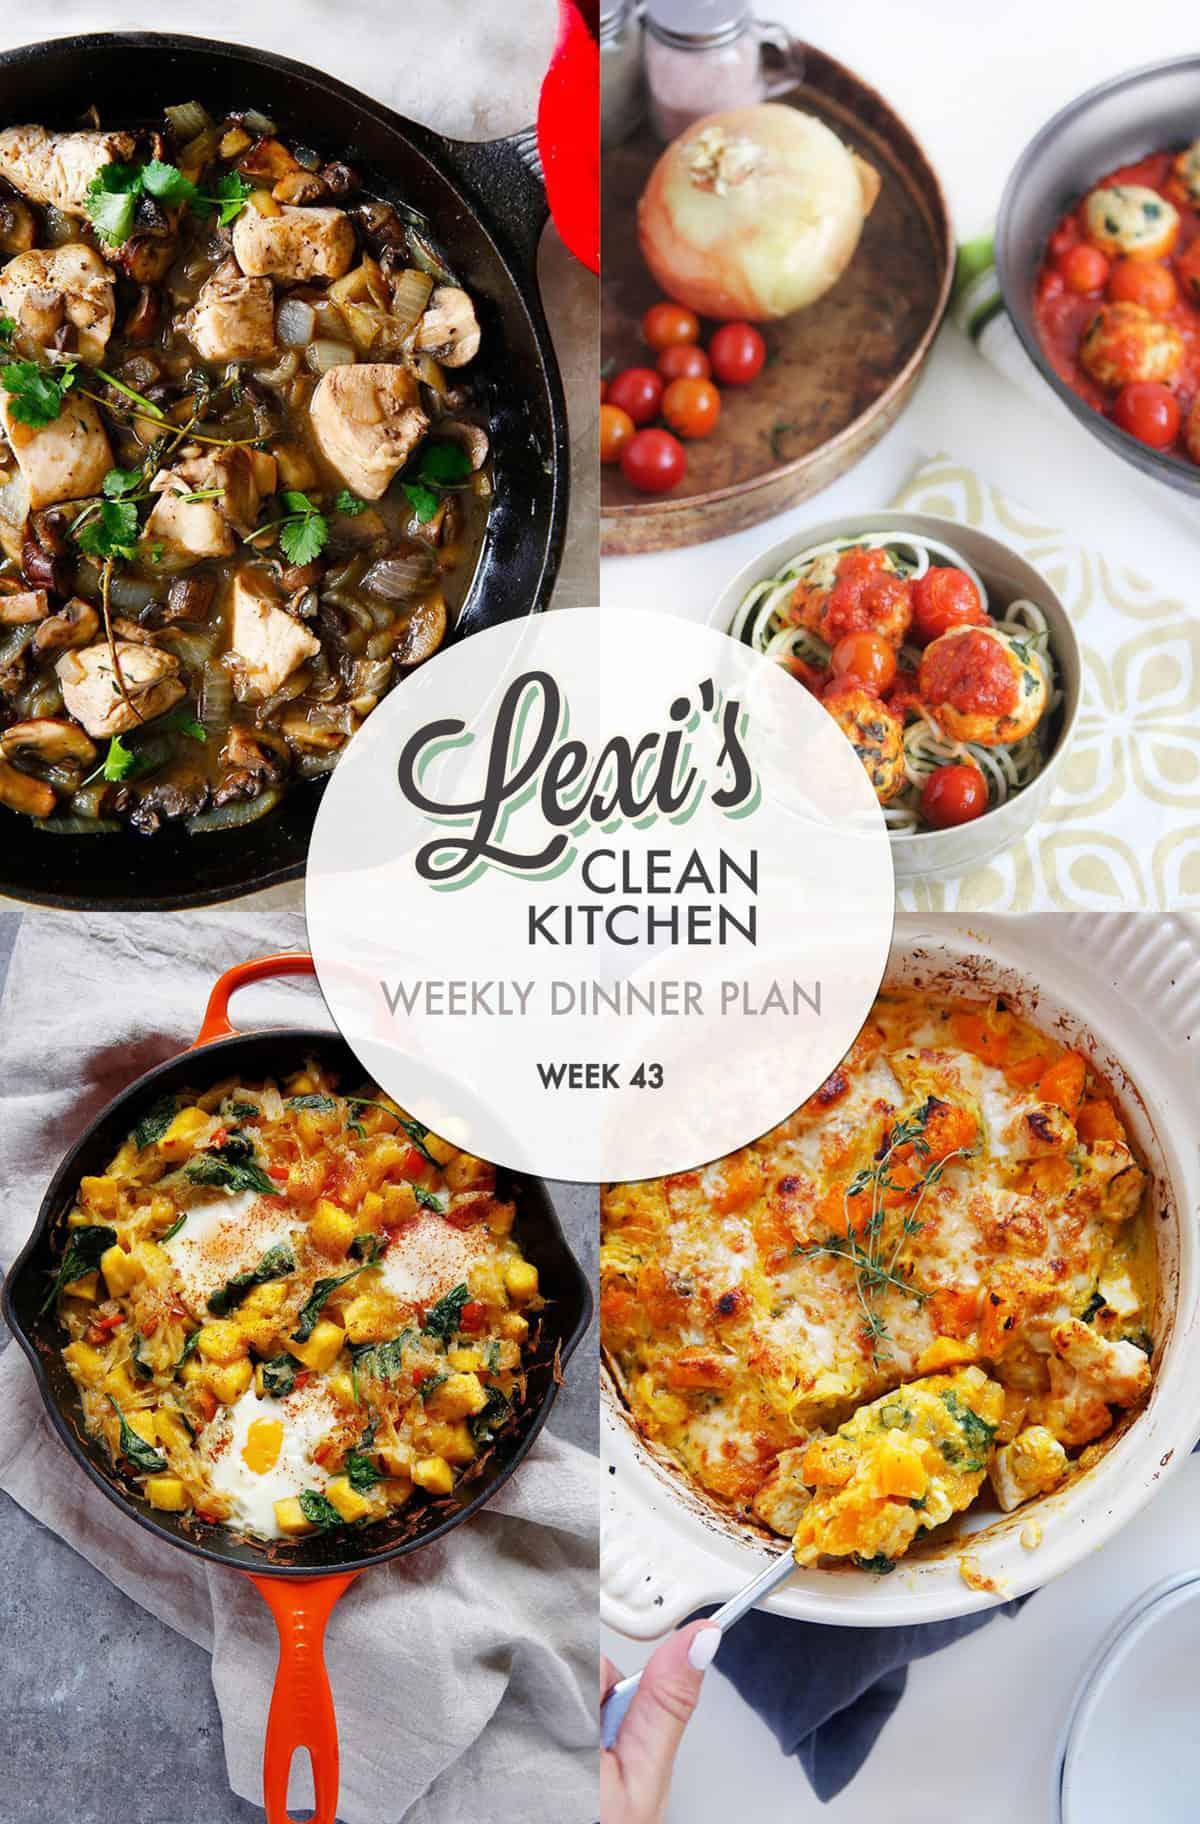 Lexi's Weekly Dinner Plan Week 43